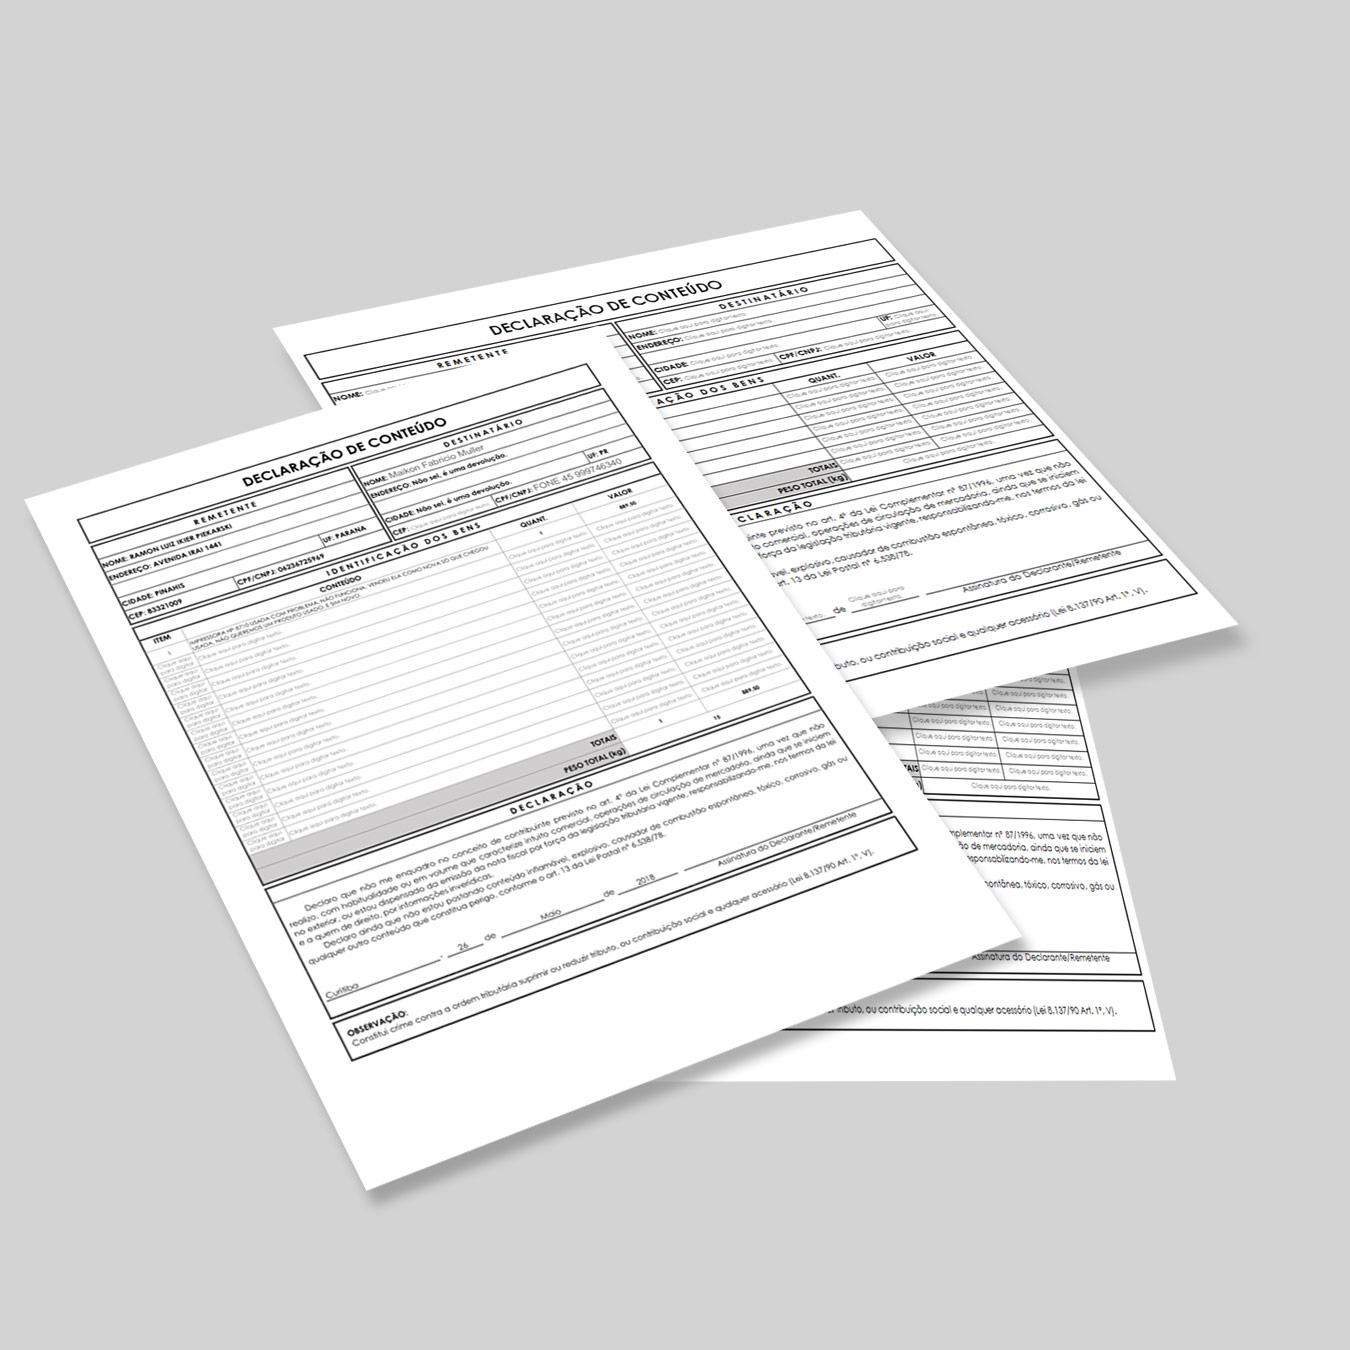 Formulário Declaração de Conteúdo - Correios